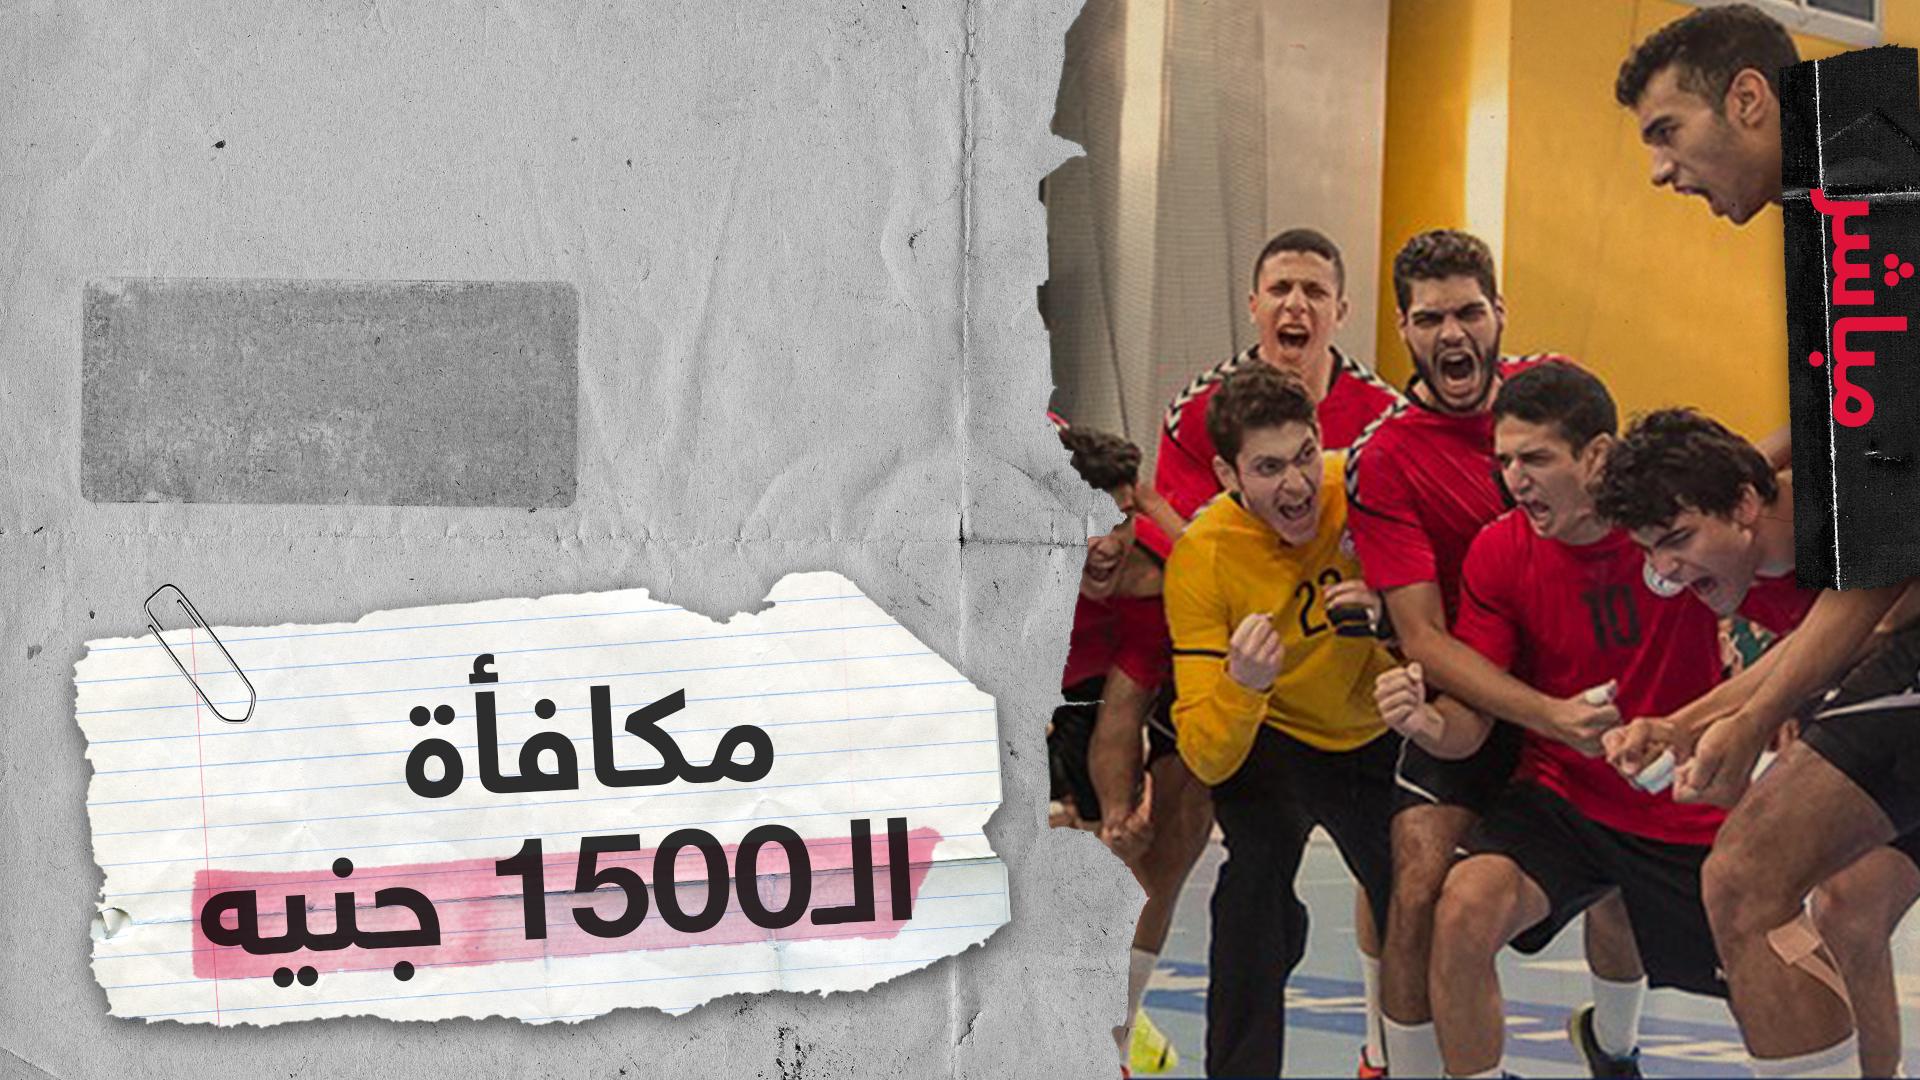 فازوا بكأس العالم فأعطوهم 90 دولارا.. مكافأة منتخب ناشئي اليد تثير الغضب بمصر